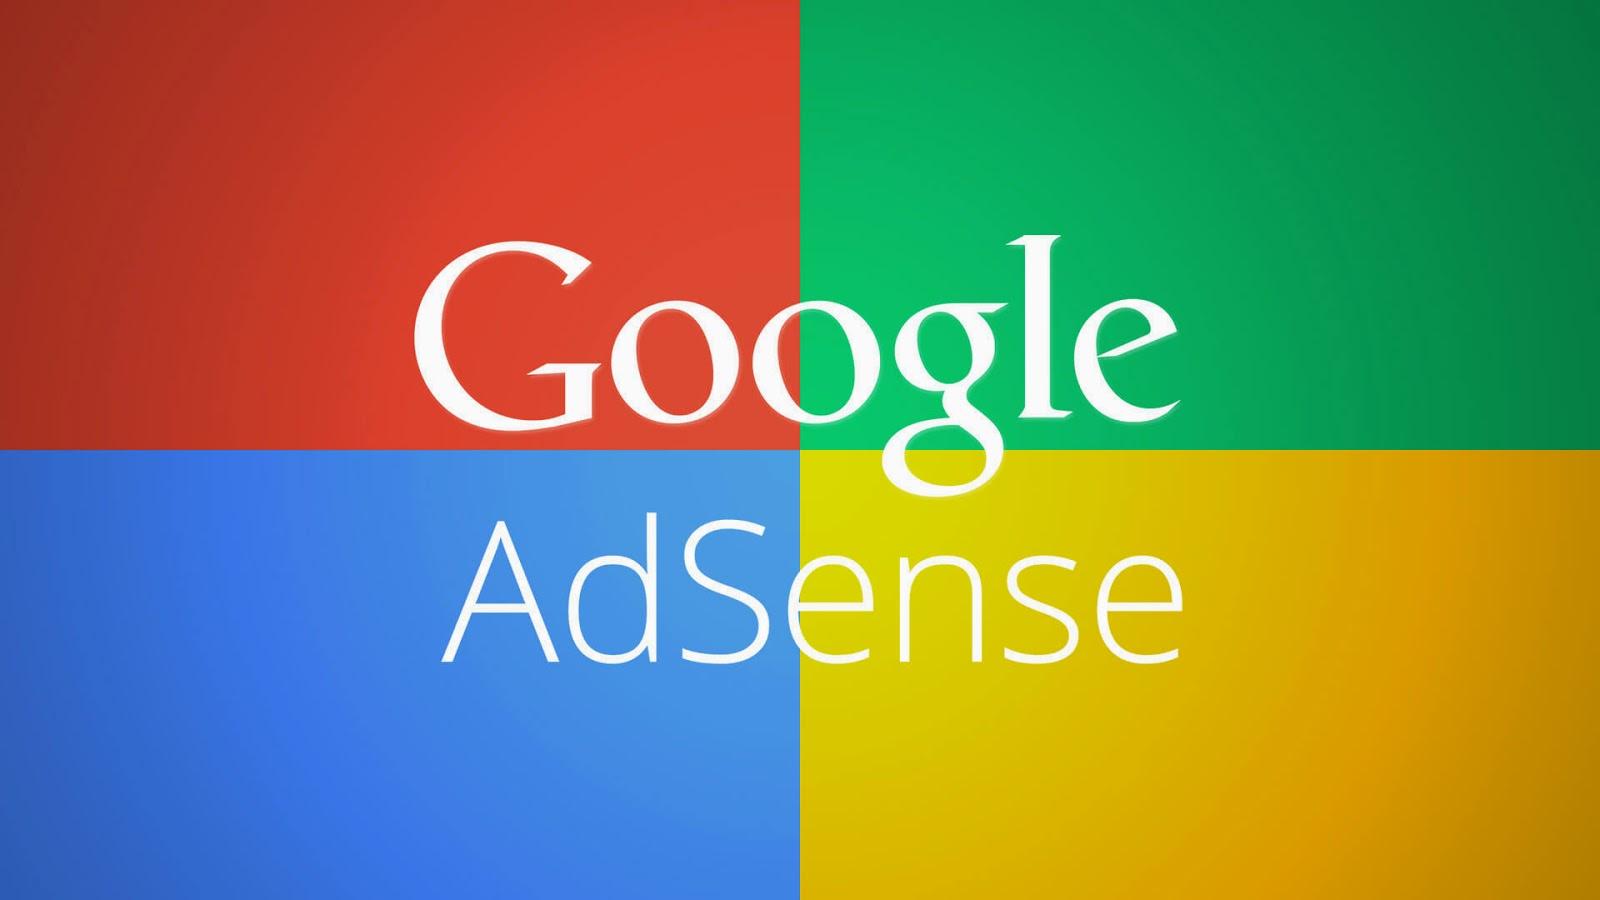 5 Topik Blog yang Tidak Sesuai Dengan Adsense